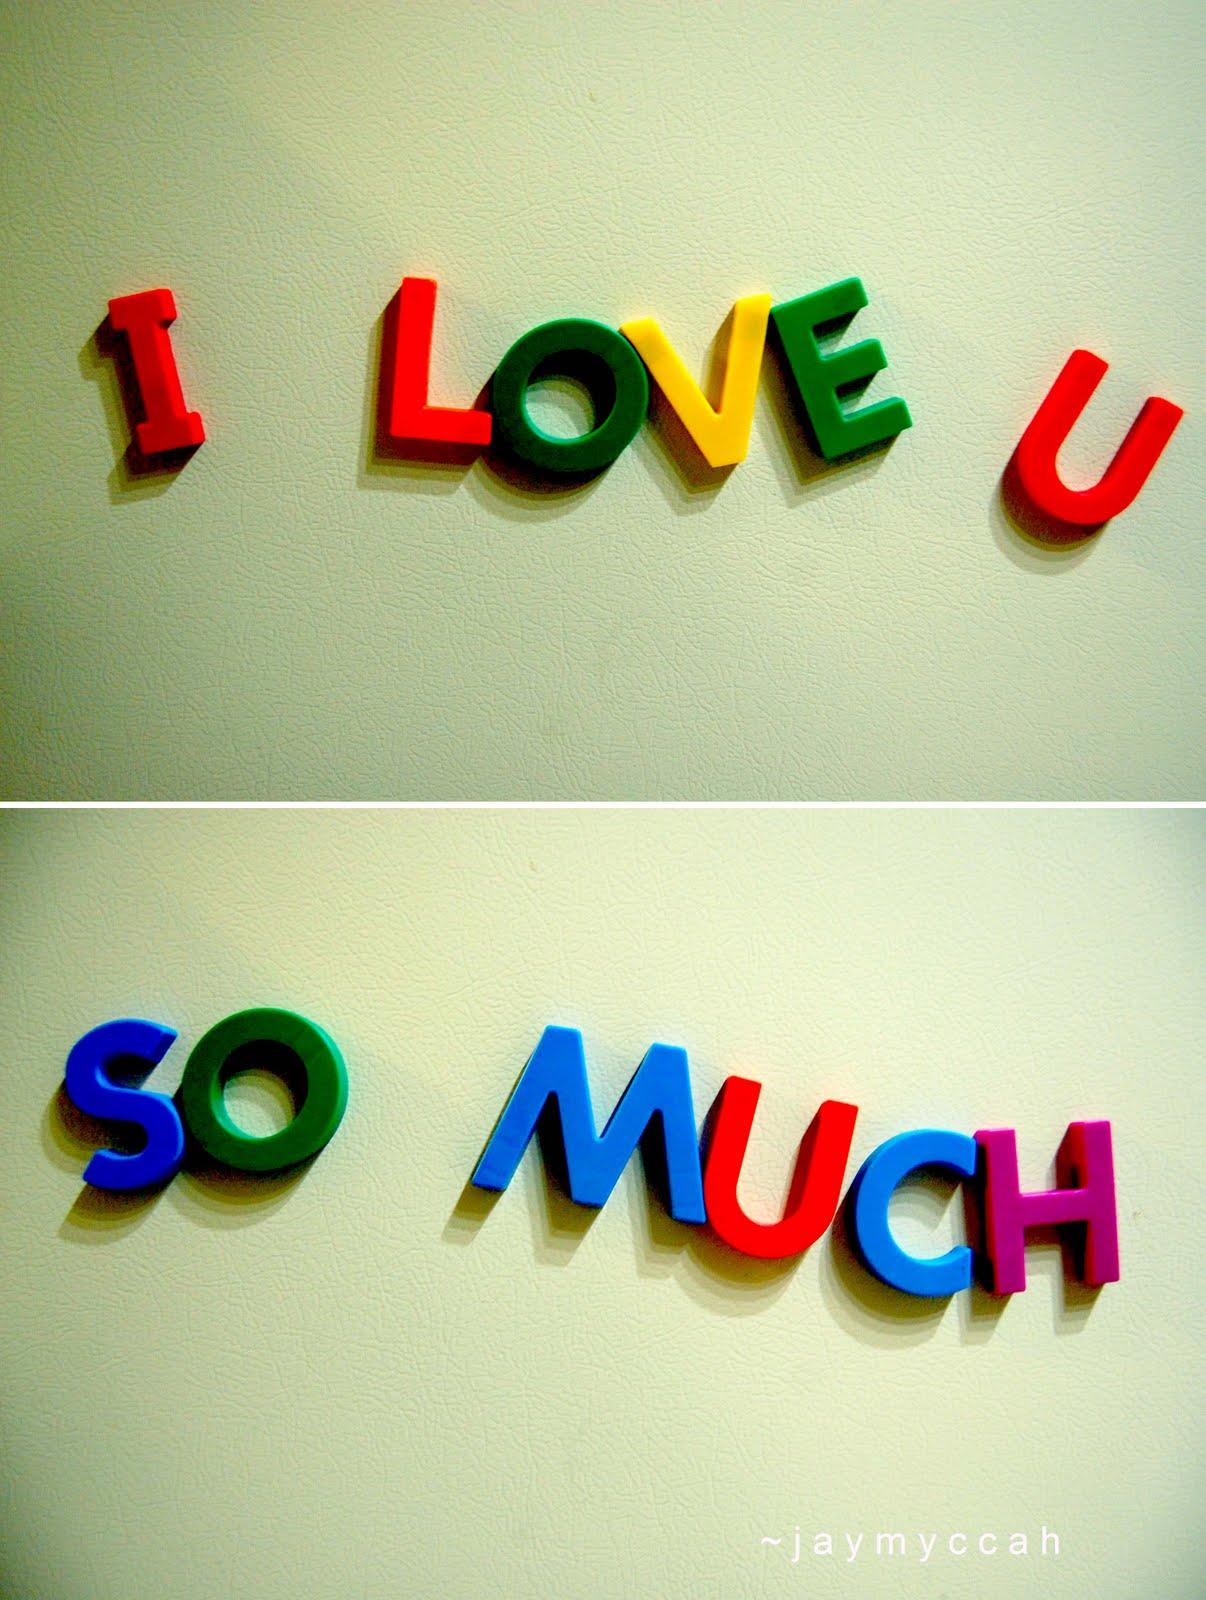 Gambar Kata Lucu I Love You DP BBM Lucu Untuk Hari Ini